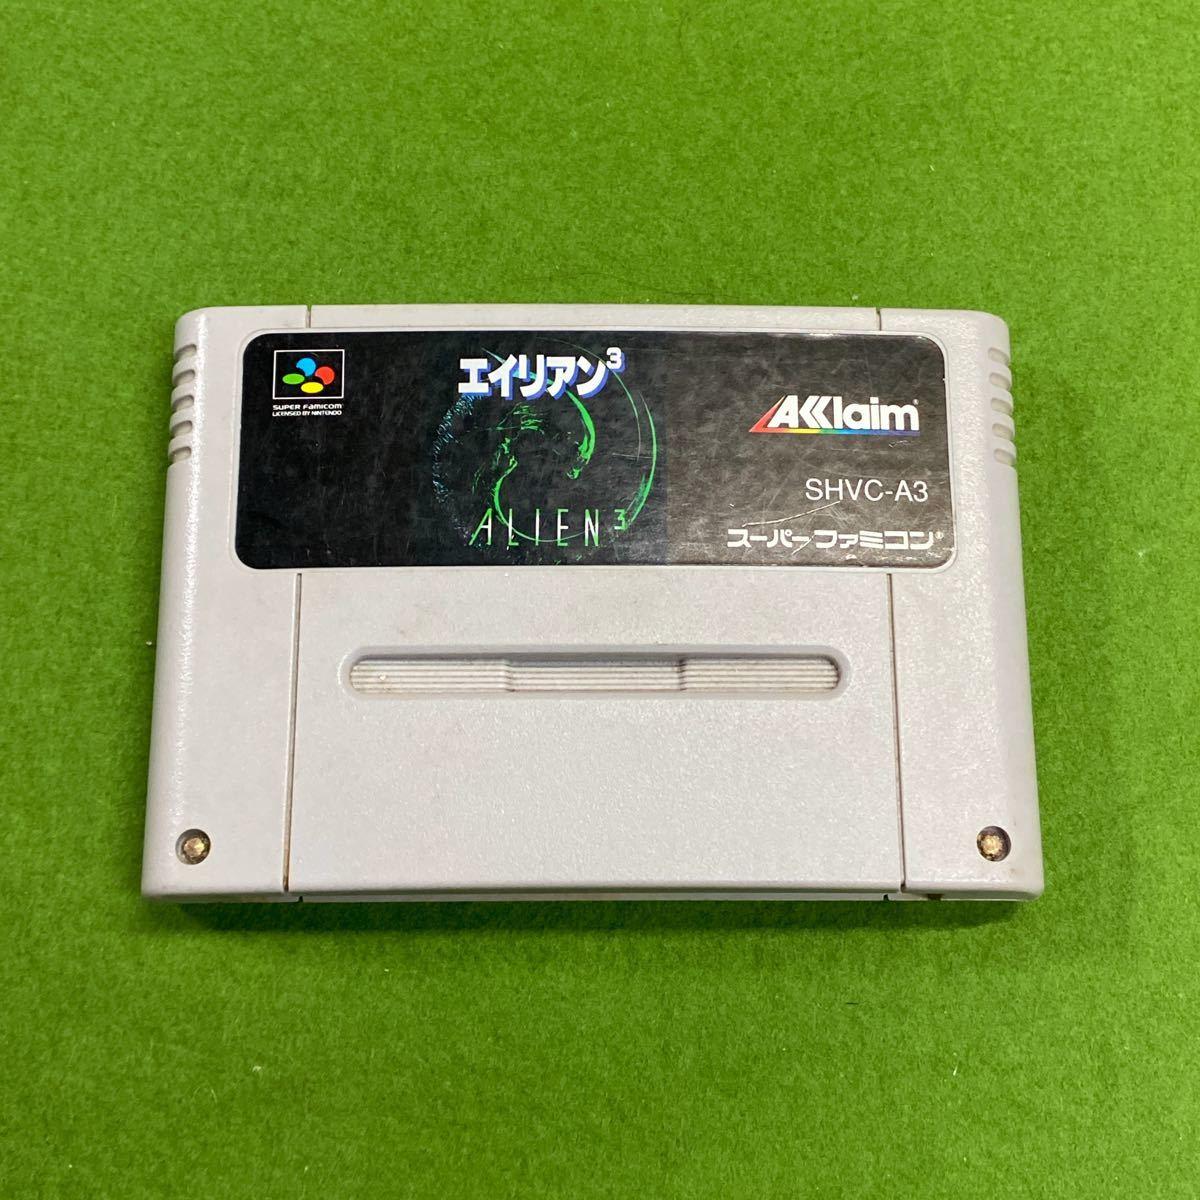 極美品 エイリアン3 送料無料 レア ソフト スーパーファミコン カセット レトロゲーム SFC 中古 動作確認済み